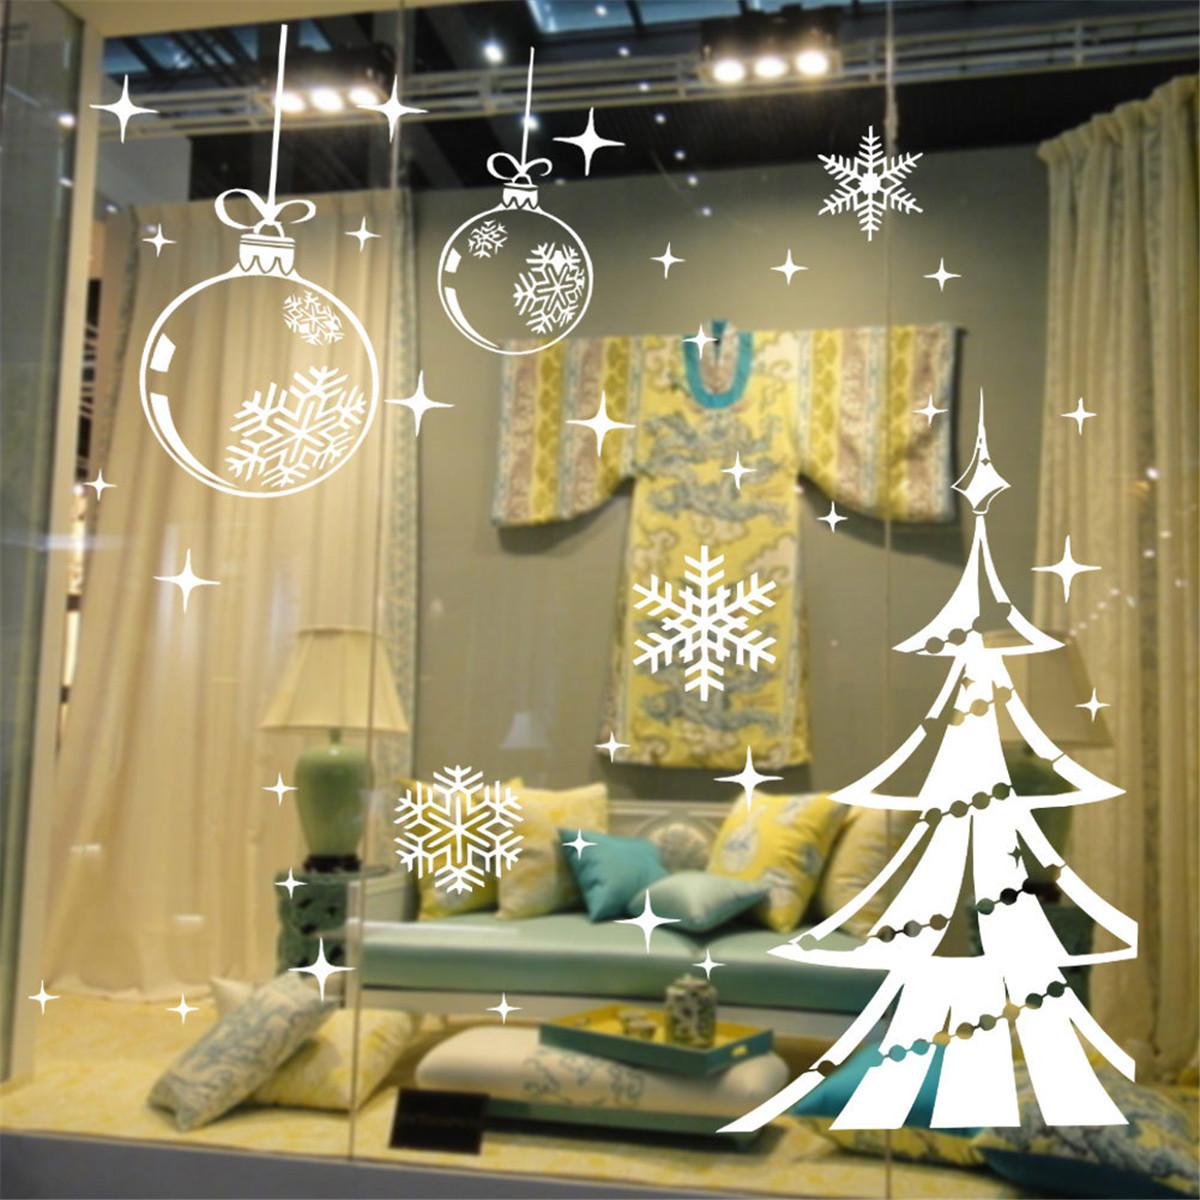 Deco vitrine magasin noel for Deco promo